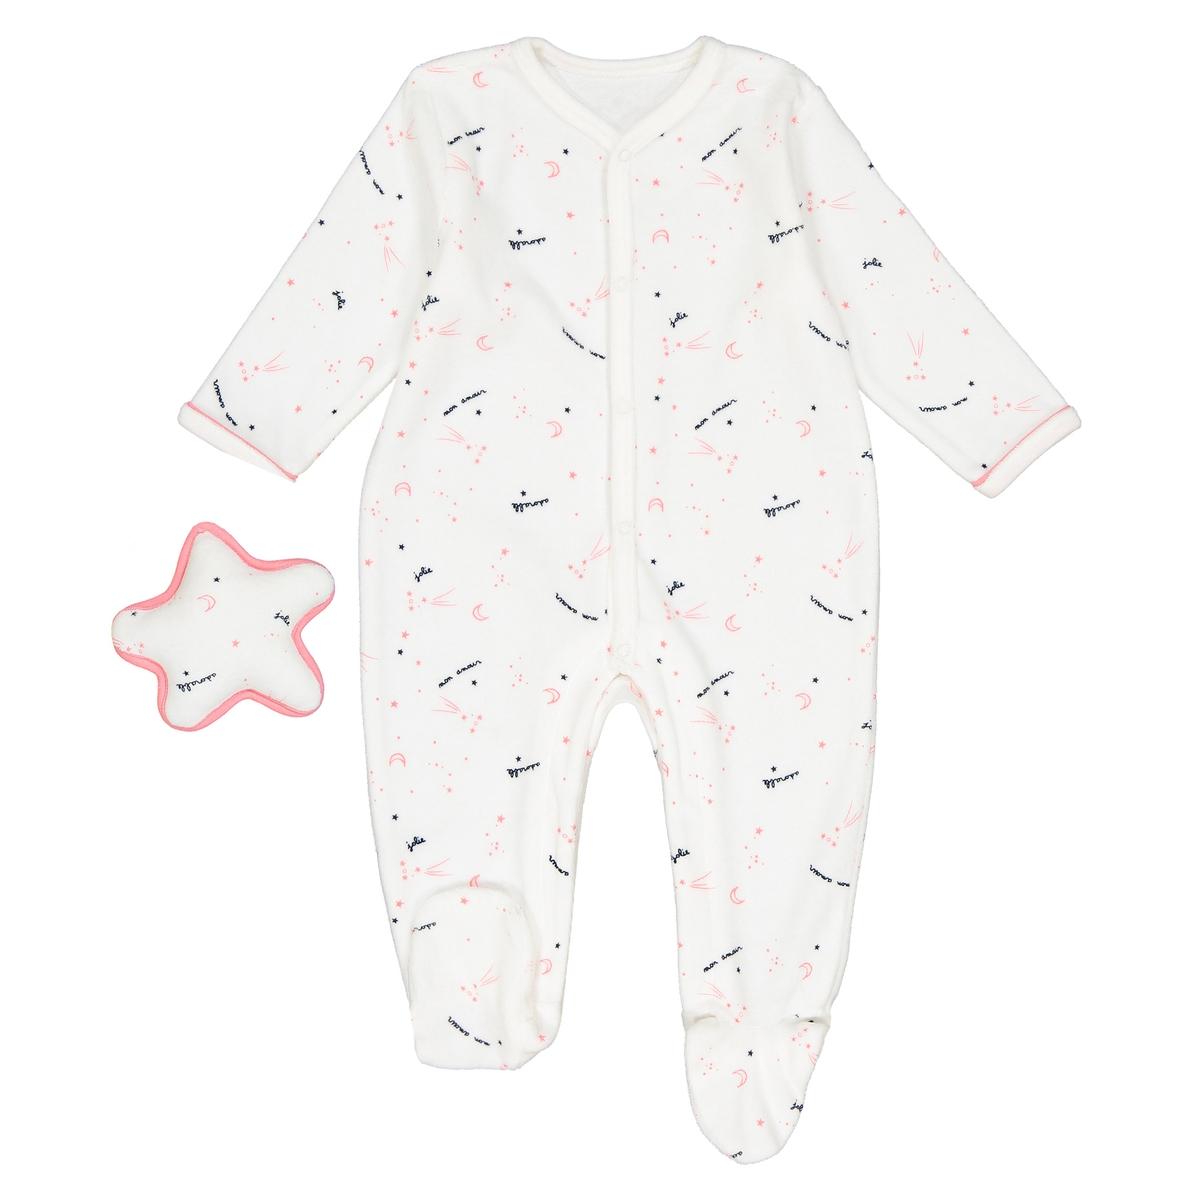 Пижама + мягкая игрушка звезда для новорожденных Préma - 2 года новая деревянная игрушка для новорожденных игрушка монтессори